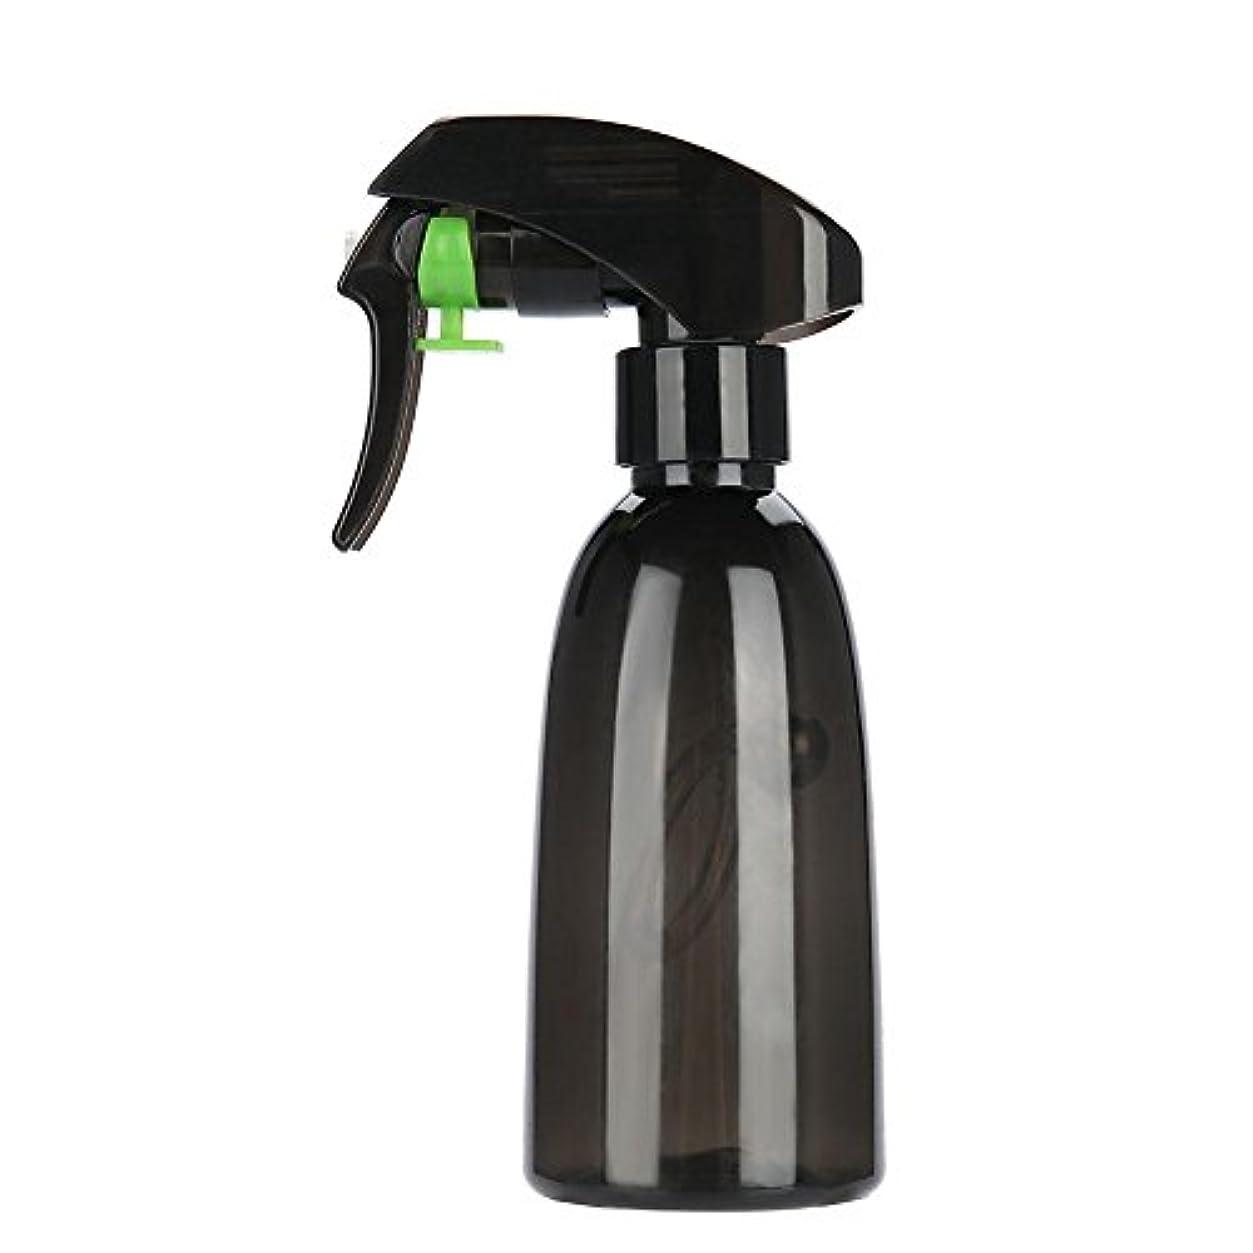 日食間欠泳ぐ水スプレー、2色詰め替え式プラスチック理髪スプレーボトル水スプレーサロン理容ツール(ダークグリーン)